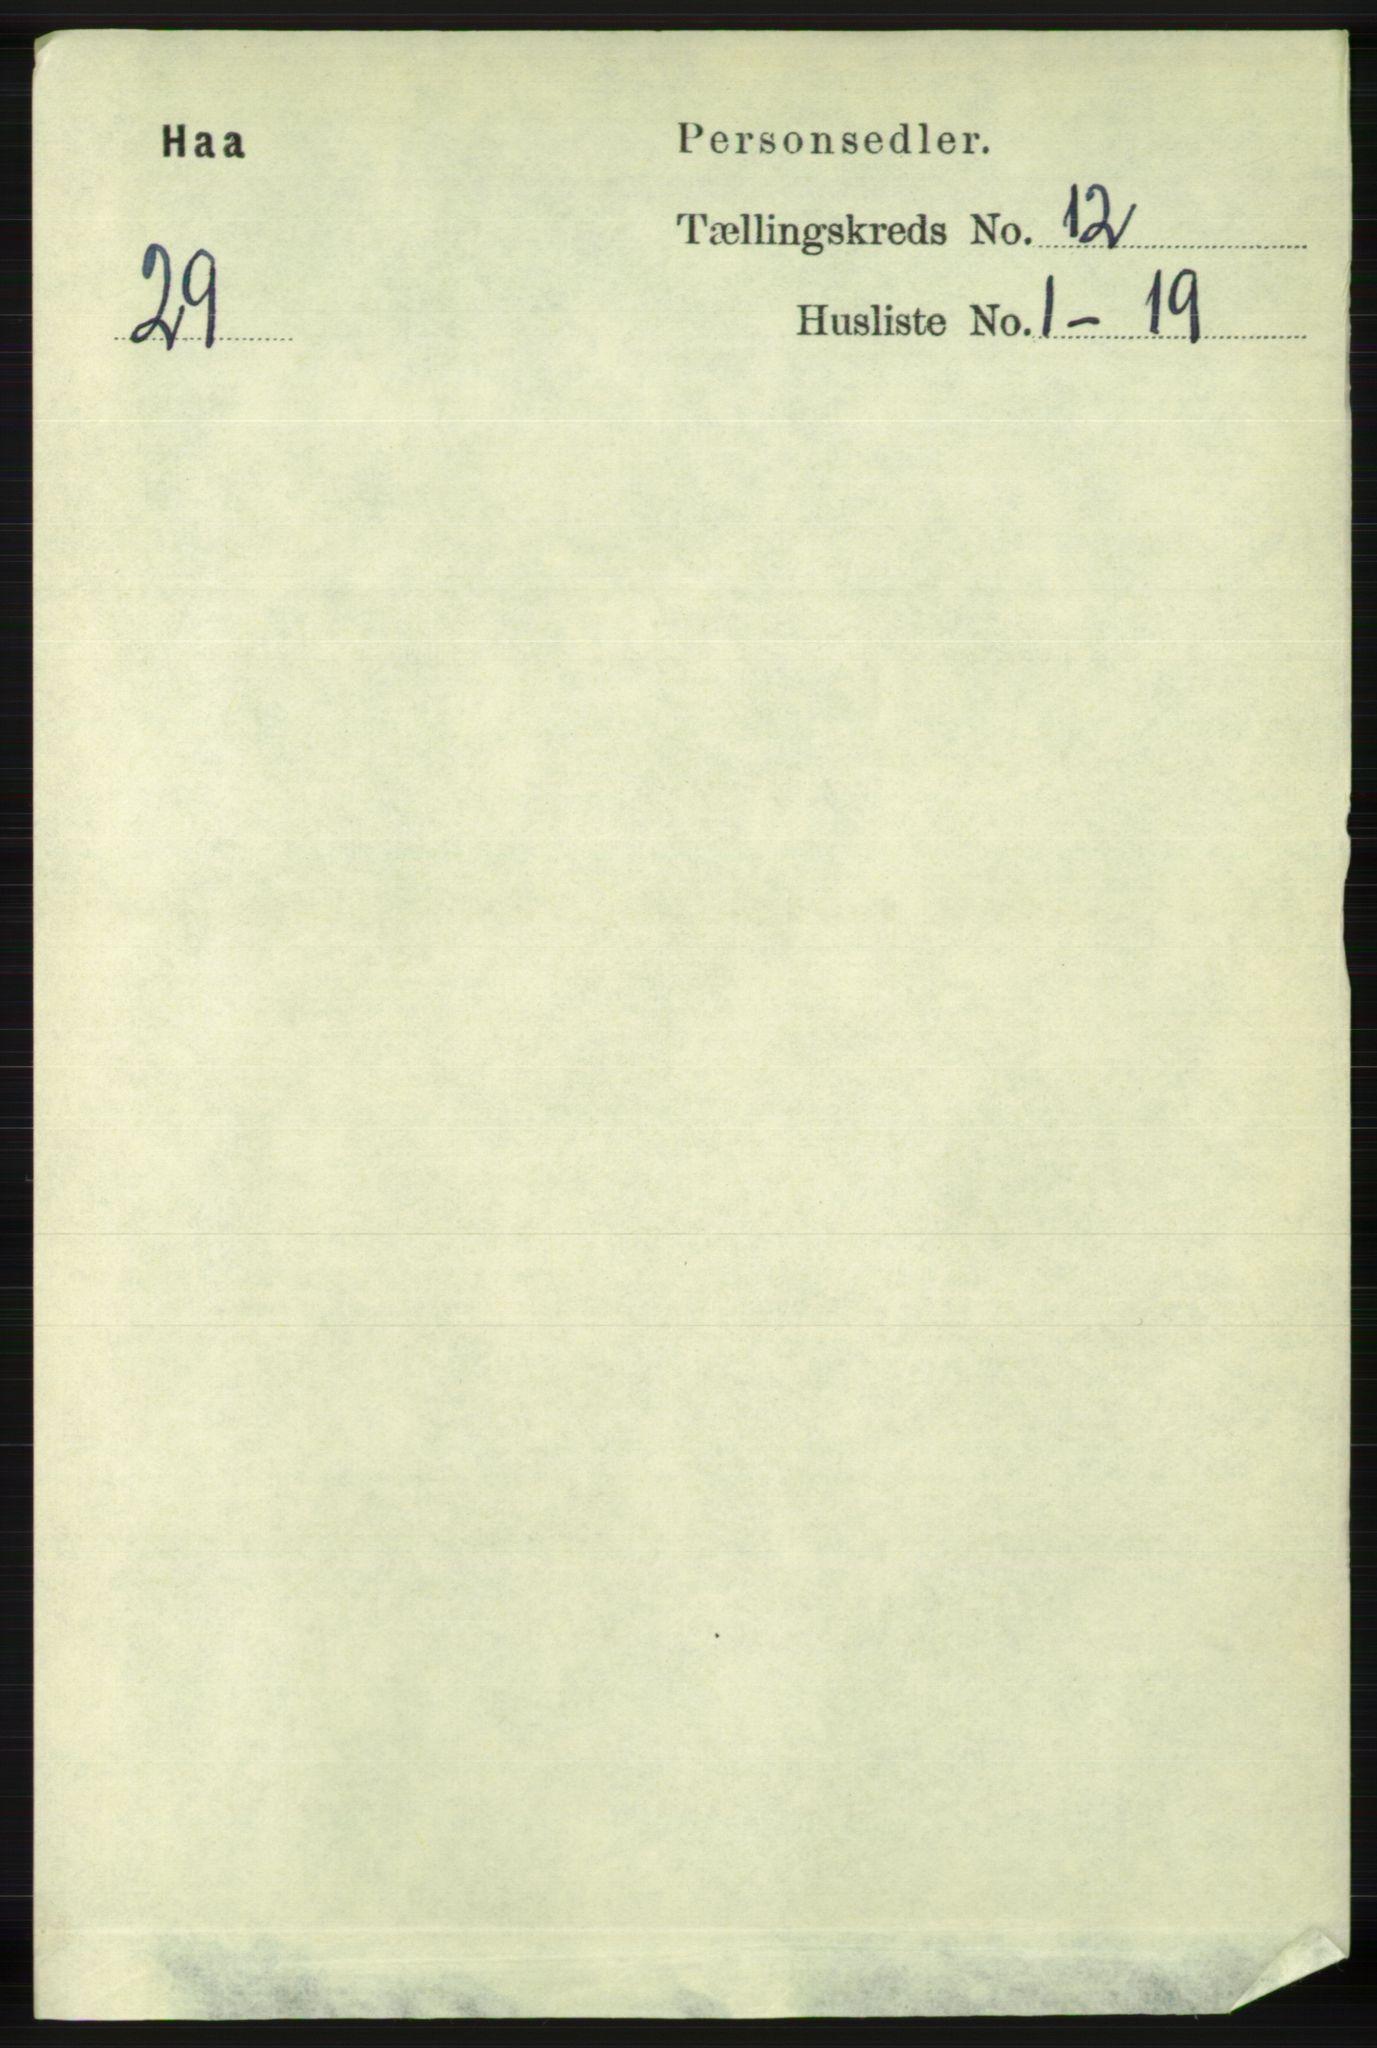 RA, Folketelling 1891 for 1119 Hå herred, 1891, s. 2882